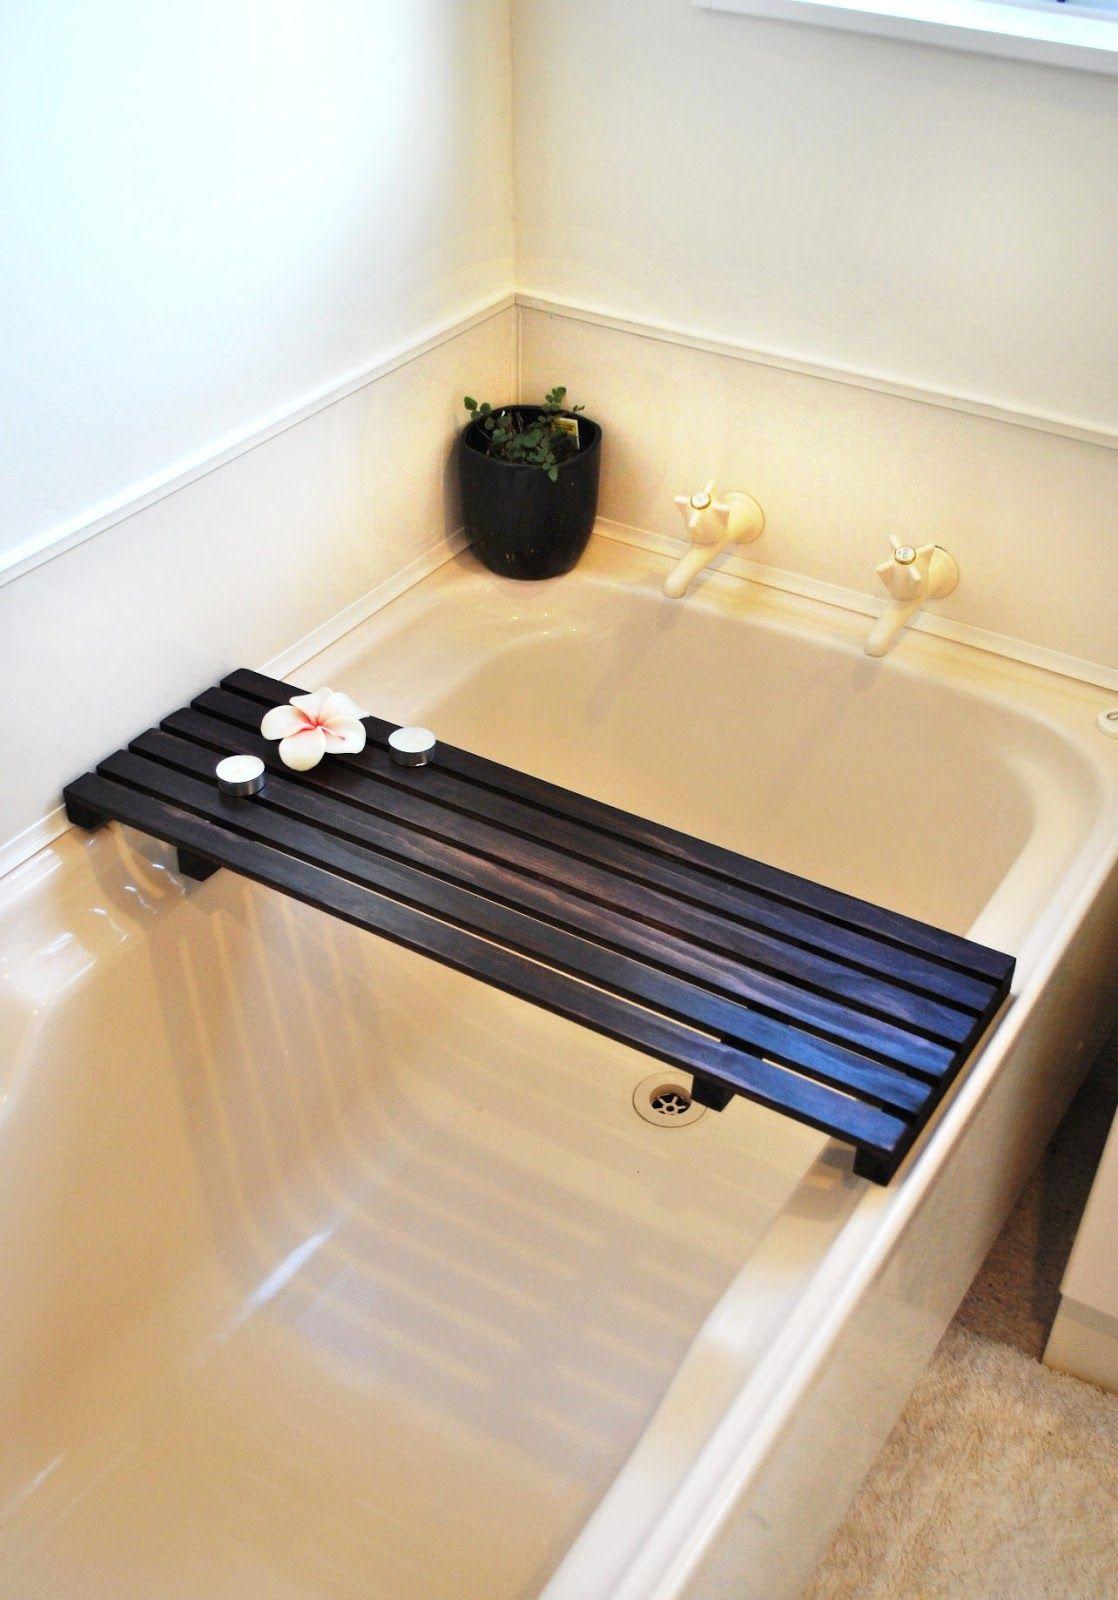 Bath Caddy Diy Easy Woodworking Make a Bathtub Caddy with a 2x12 ...